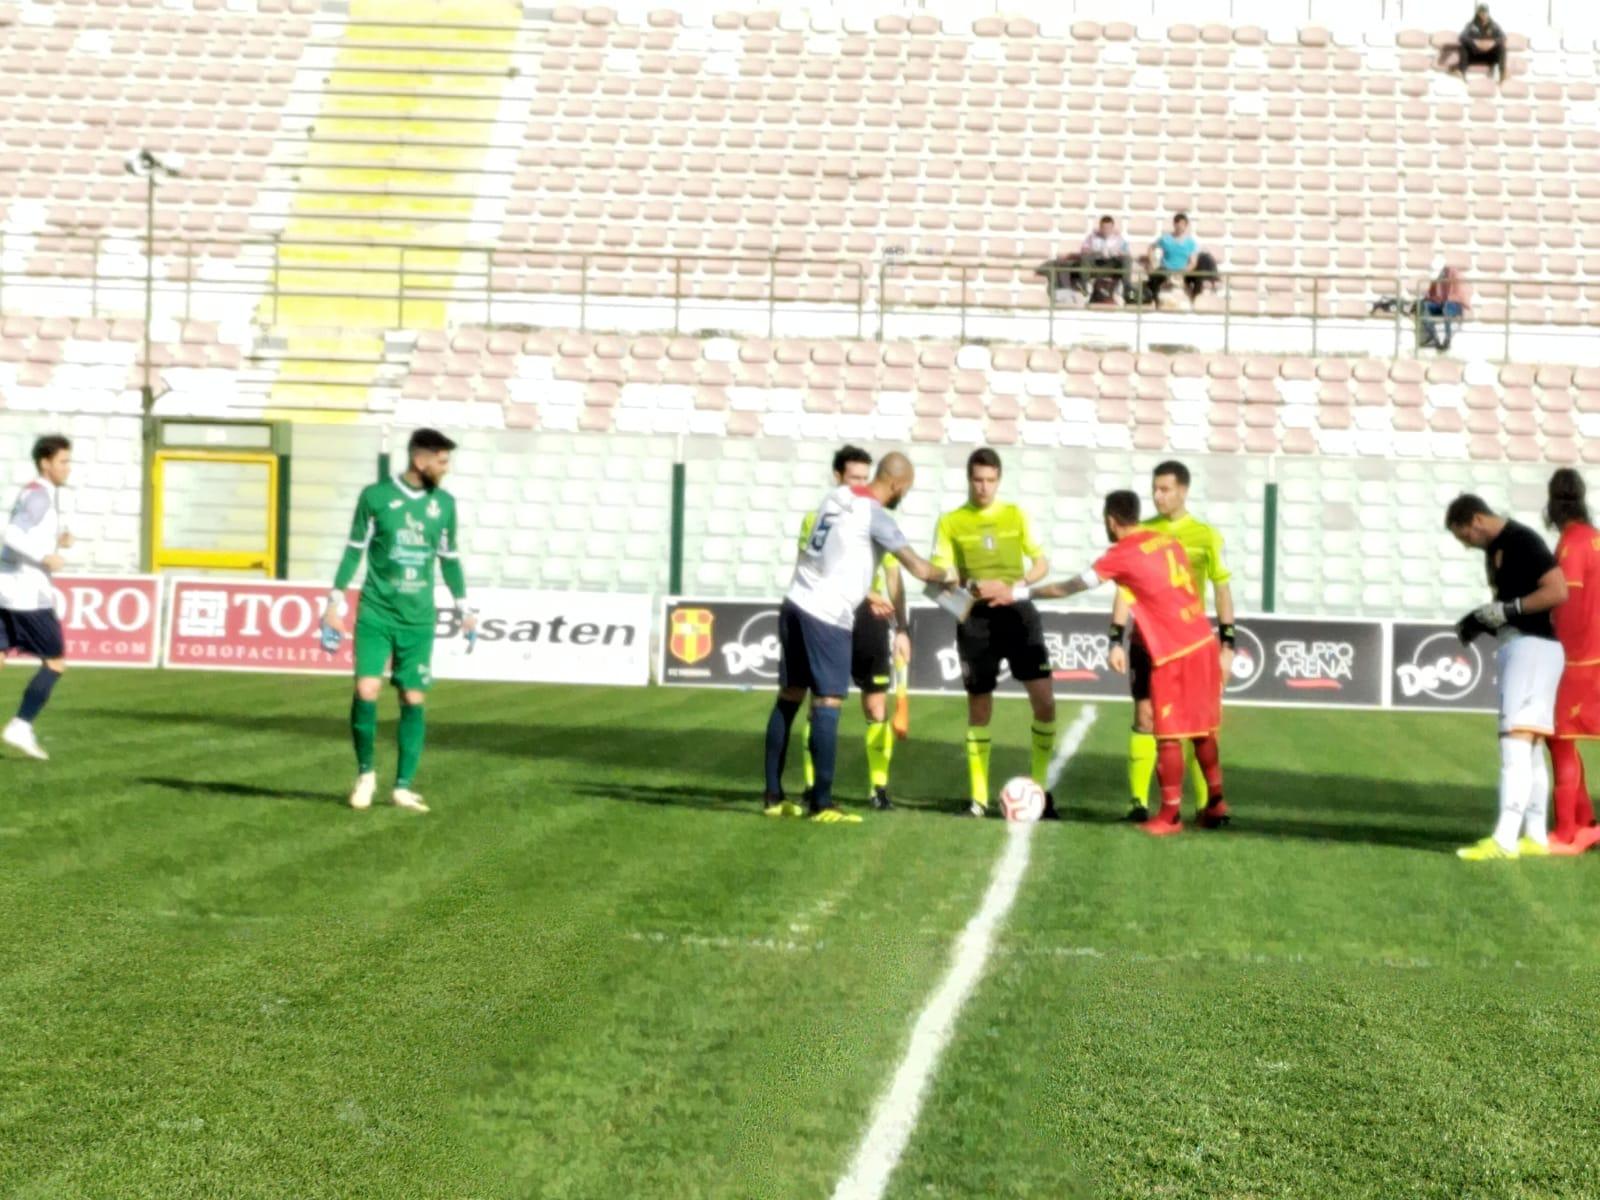 CALCIO SERIE D – FC Messina in emergenza a San Luca. Si dimette Manitta, al suo posto c'è Nastasi